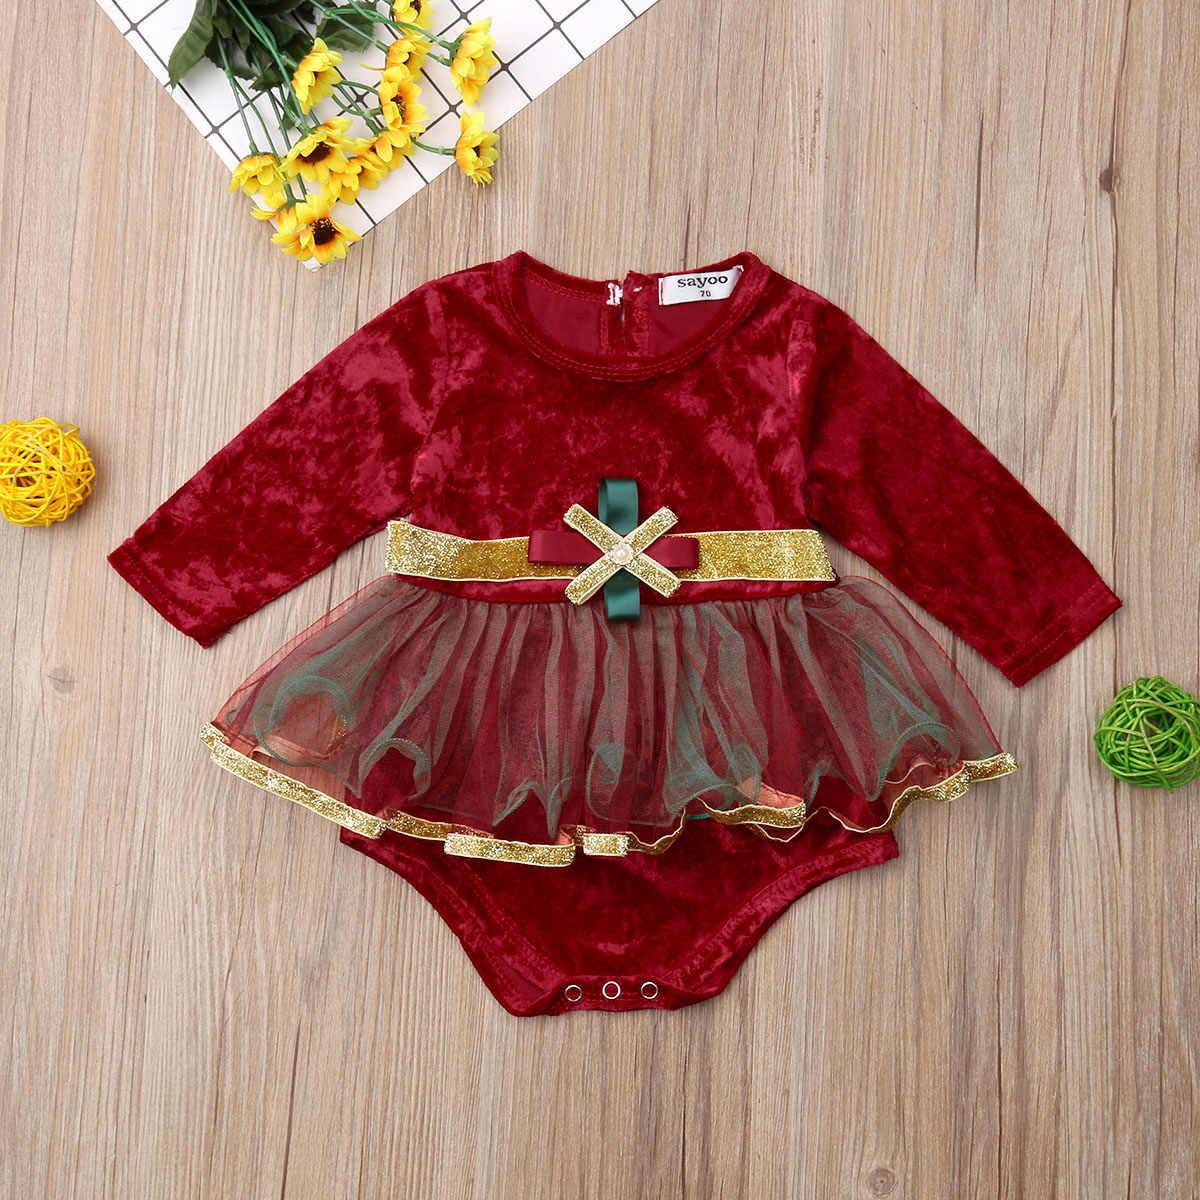 2019 г., новая брендовая Рождественская одежда принцессы для маленьких девочек, бархатные боди кружевное платье в стиле пэчворк с длинными рукавами, красный комбинезон из фатина